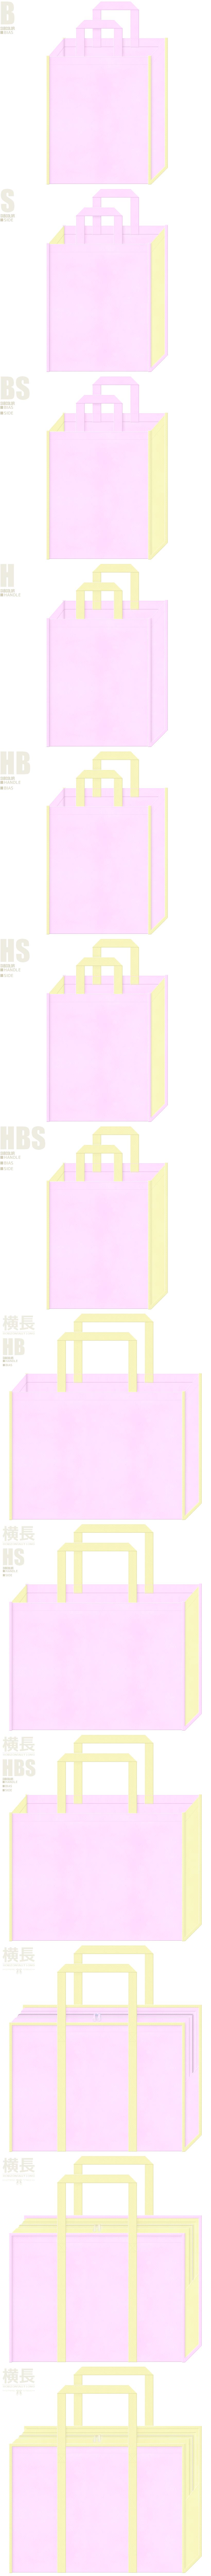 保育・福祉・介護・医療・七五三・ひな祭り・ムーンライト・バタフライ・ピーチ・ファンシー・フラワーショップ・パステルカラー・ガーリーデザインにお奨めの不織布バッグデザイン:明るいピンク色と薄黄色の配色7パターン。